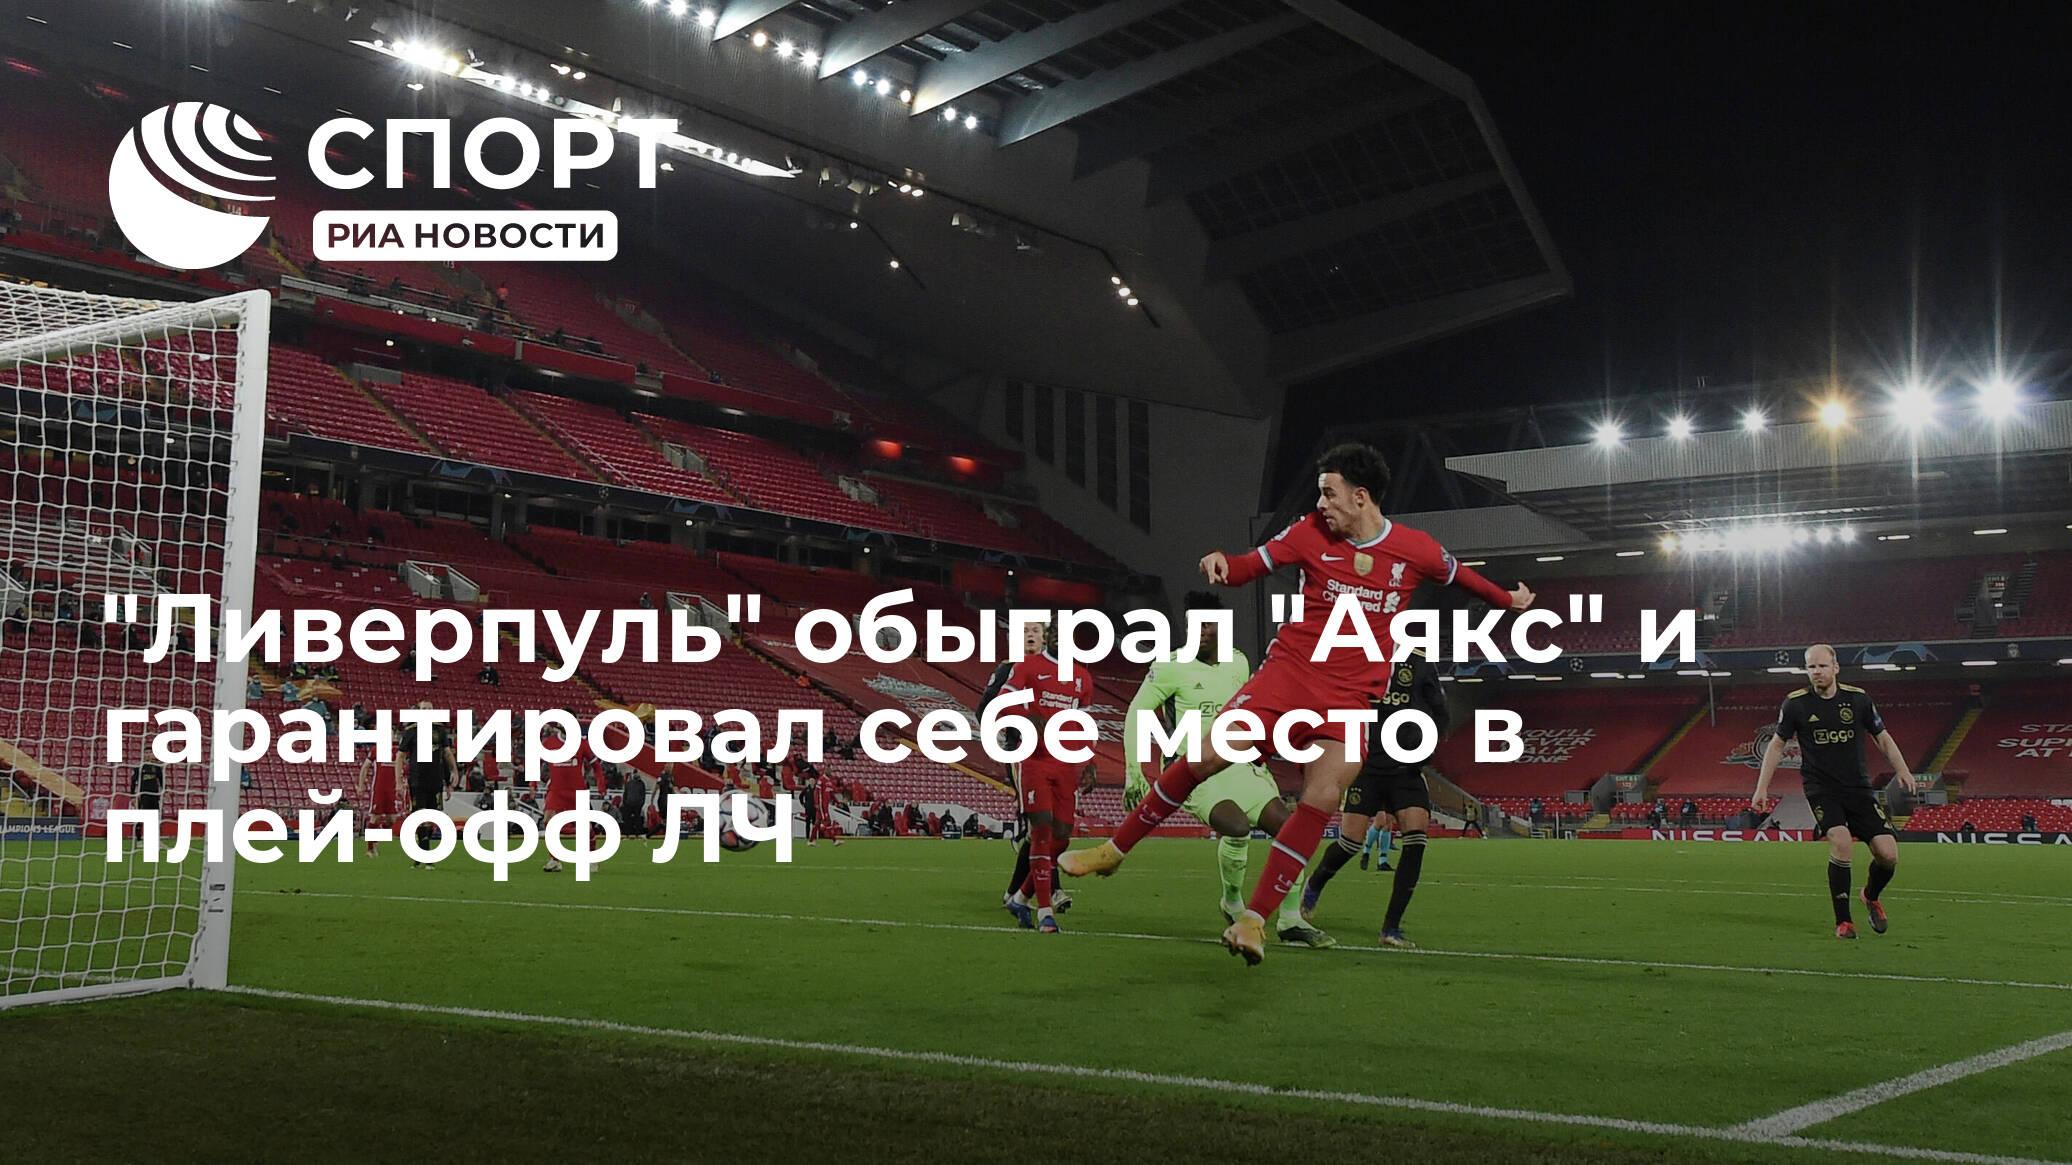 """""""Ливерпуль"""" обыграл """"Аякс"""" и гарантировал себе место в плей-офф ЛЧ"""